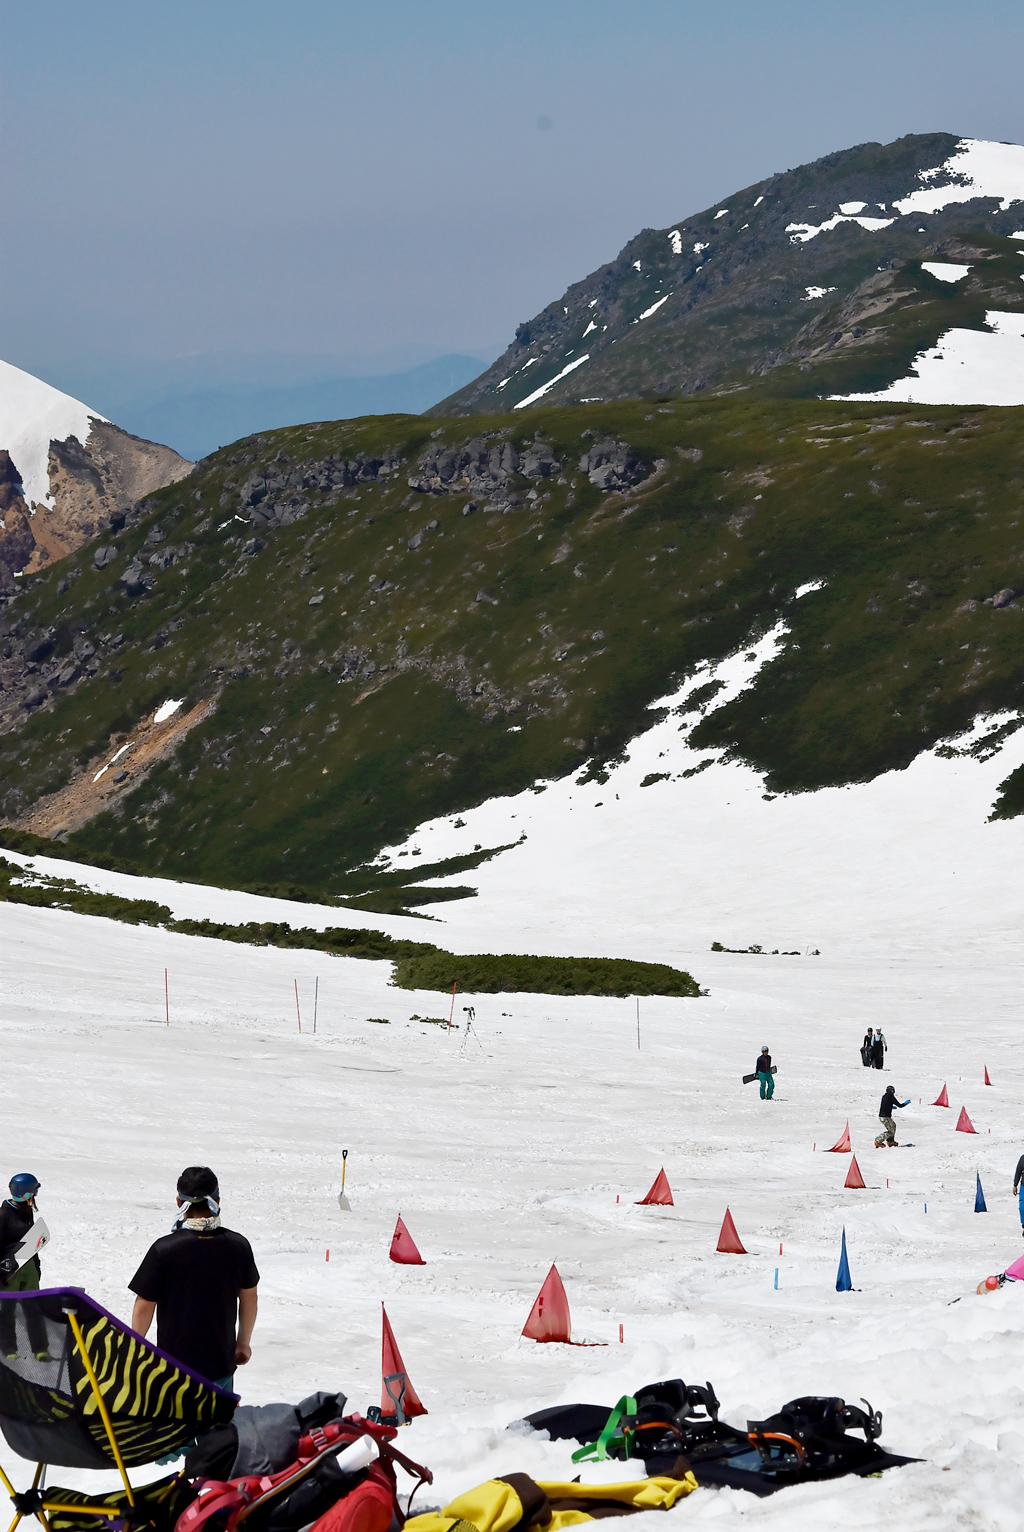 山肌に残る雪とスキー・スノボーする人